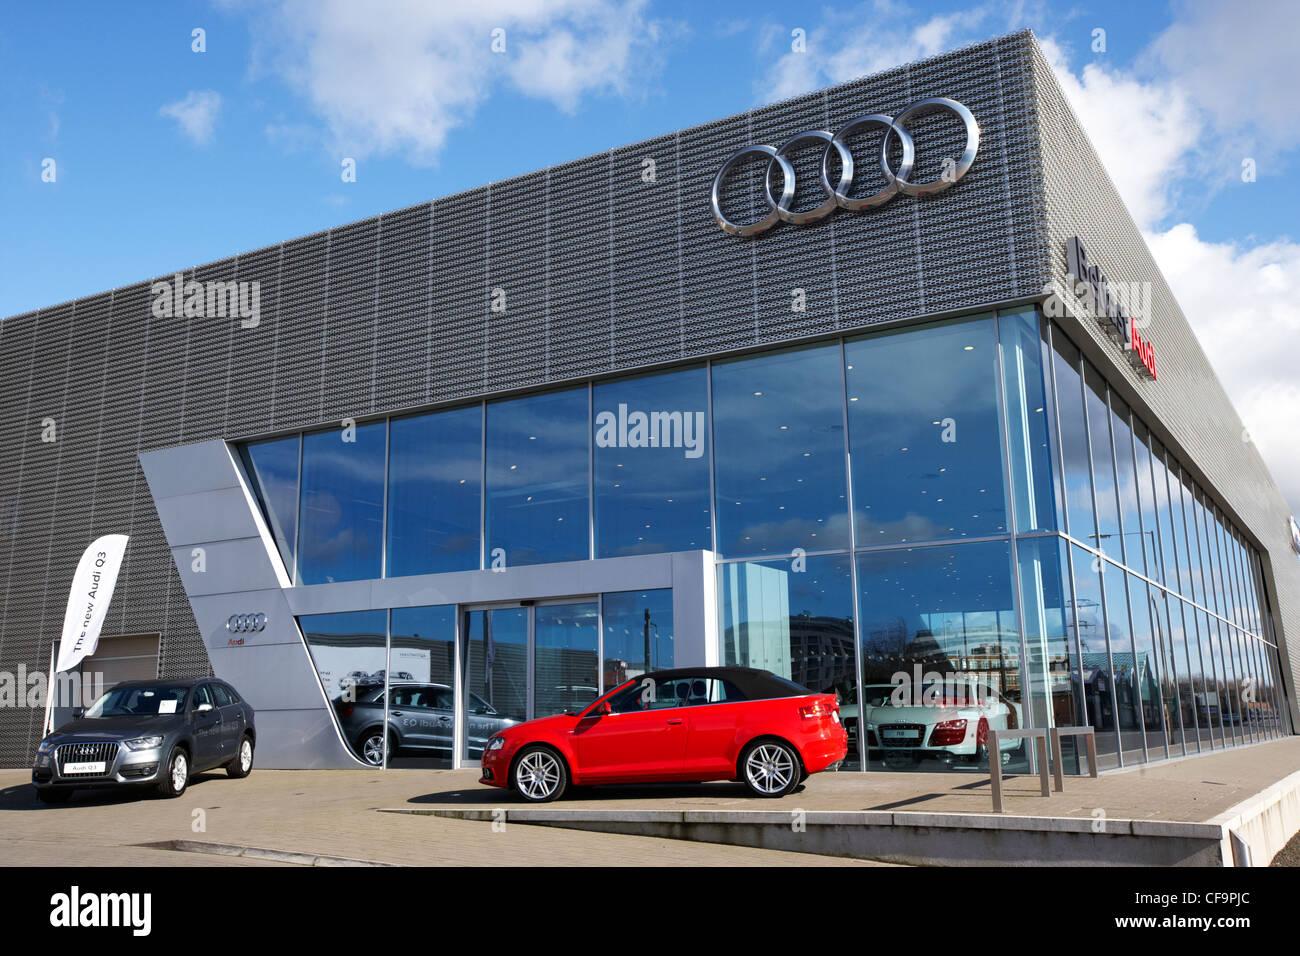 Audi Car Dealership Stock Photos Audi Car Dealership Stock Images - Audi car dealership